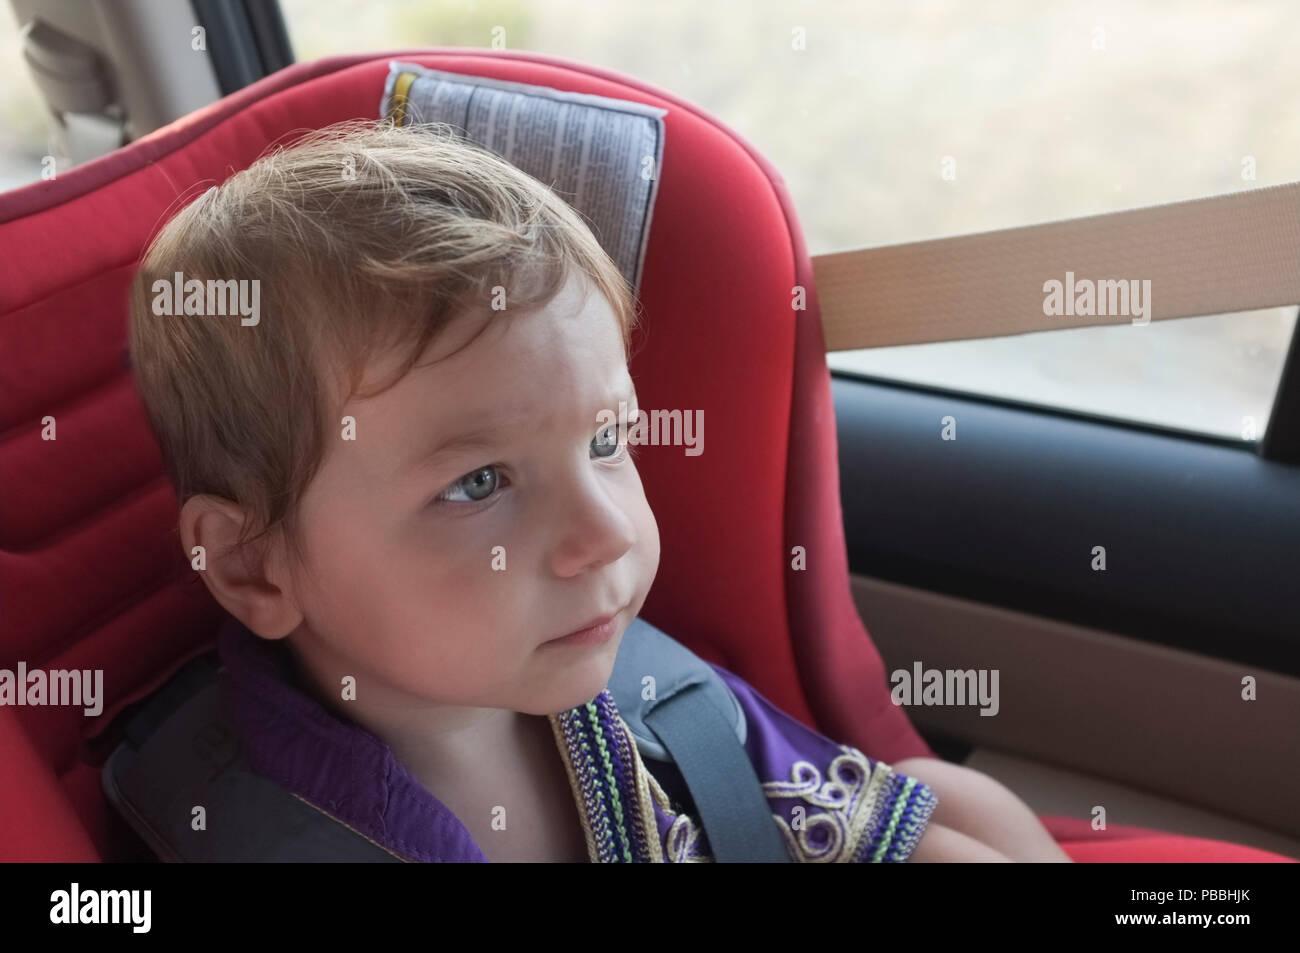 Stattliche aufmerksam baby boy im Kindersitz. Er beobachtet toons mit Tablette auf Kopfstütze Stockbild